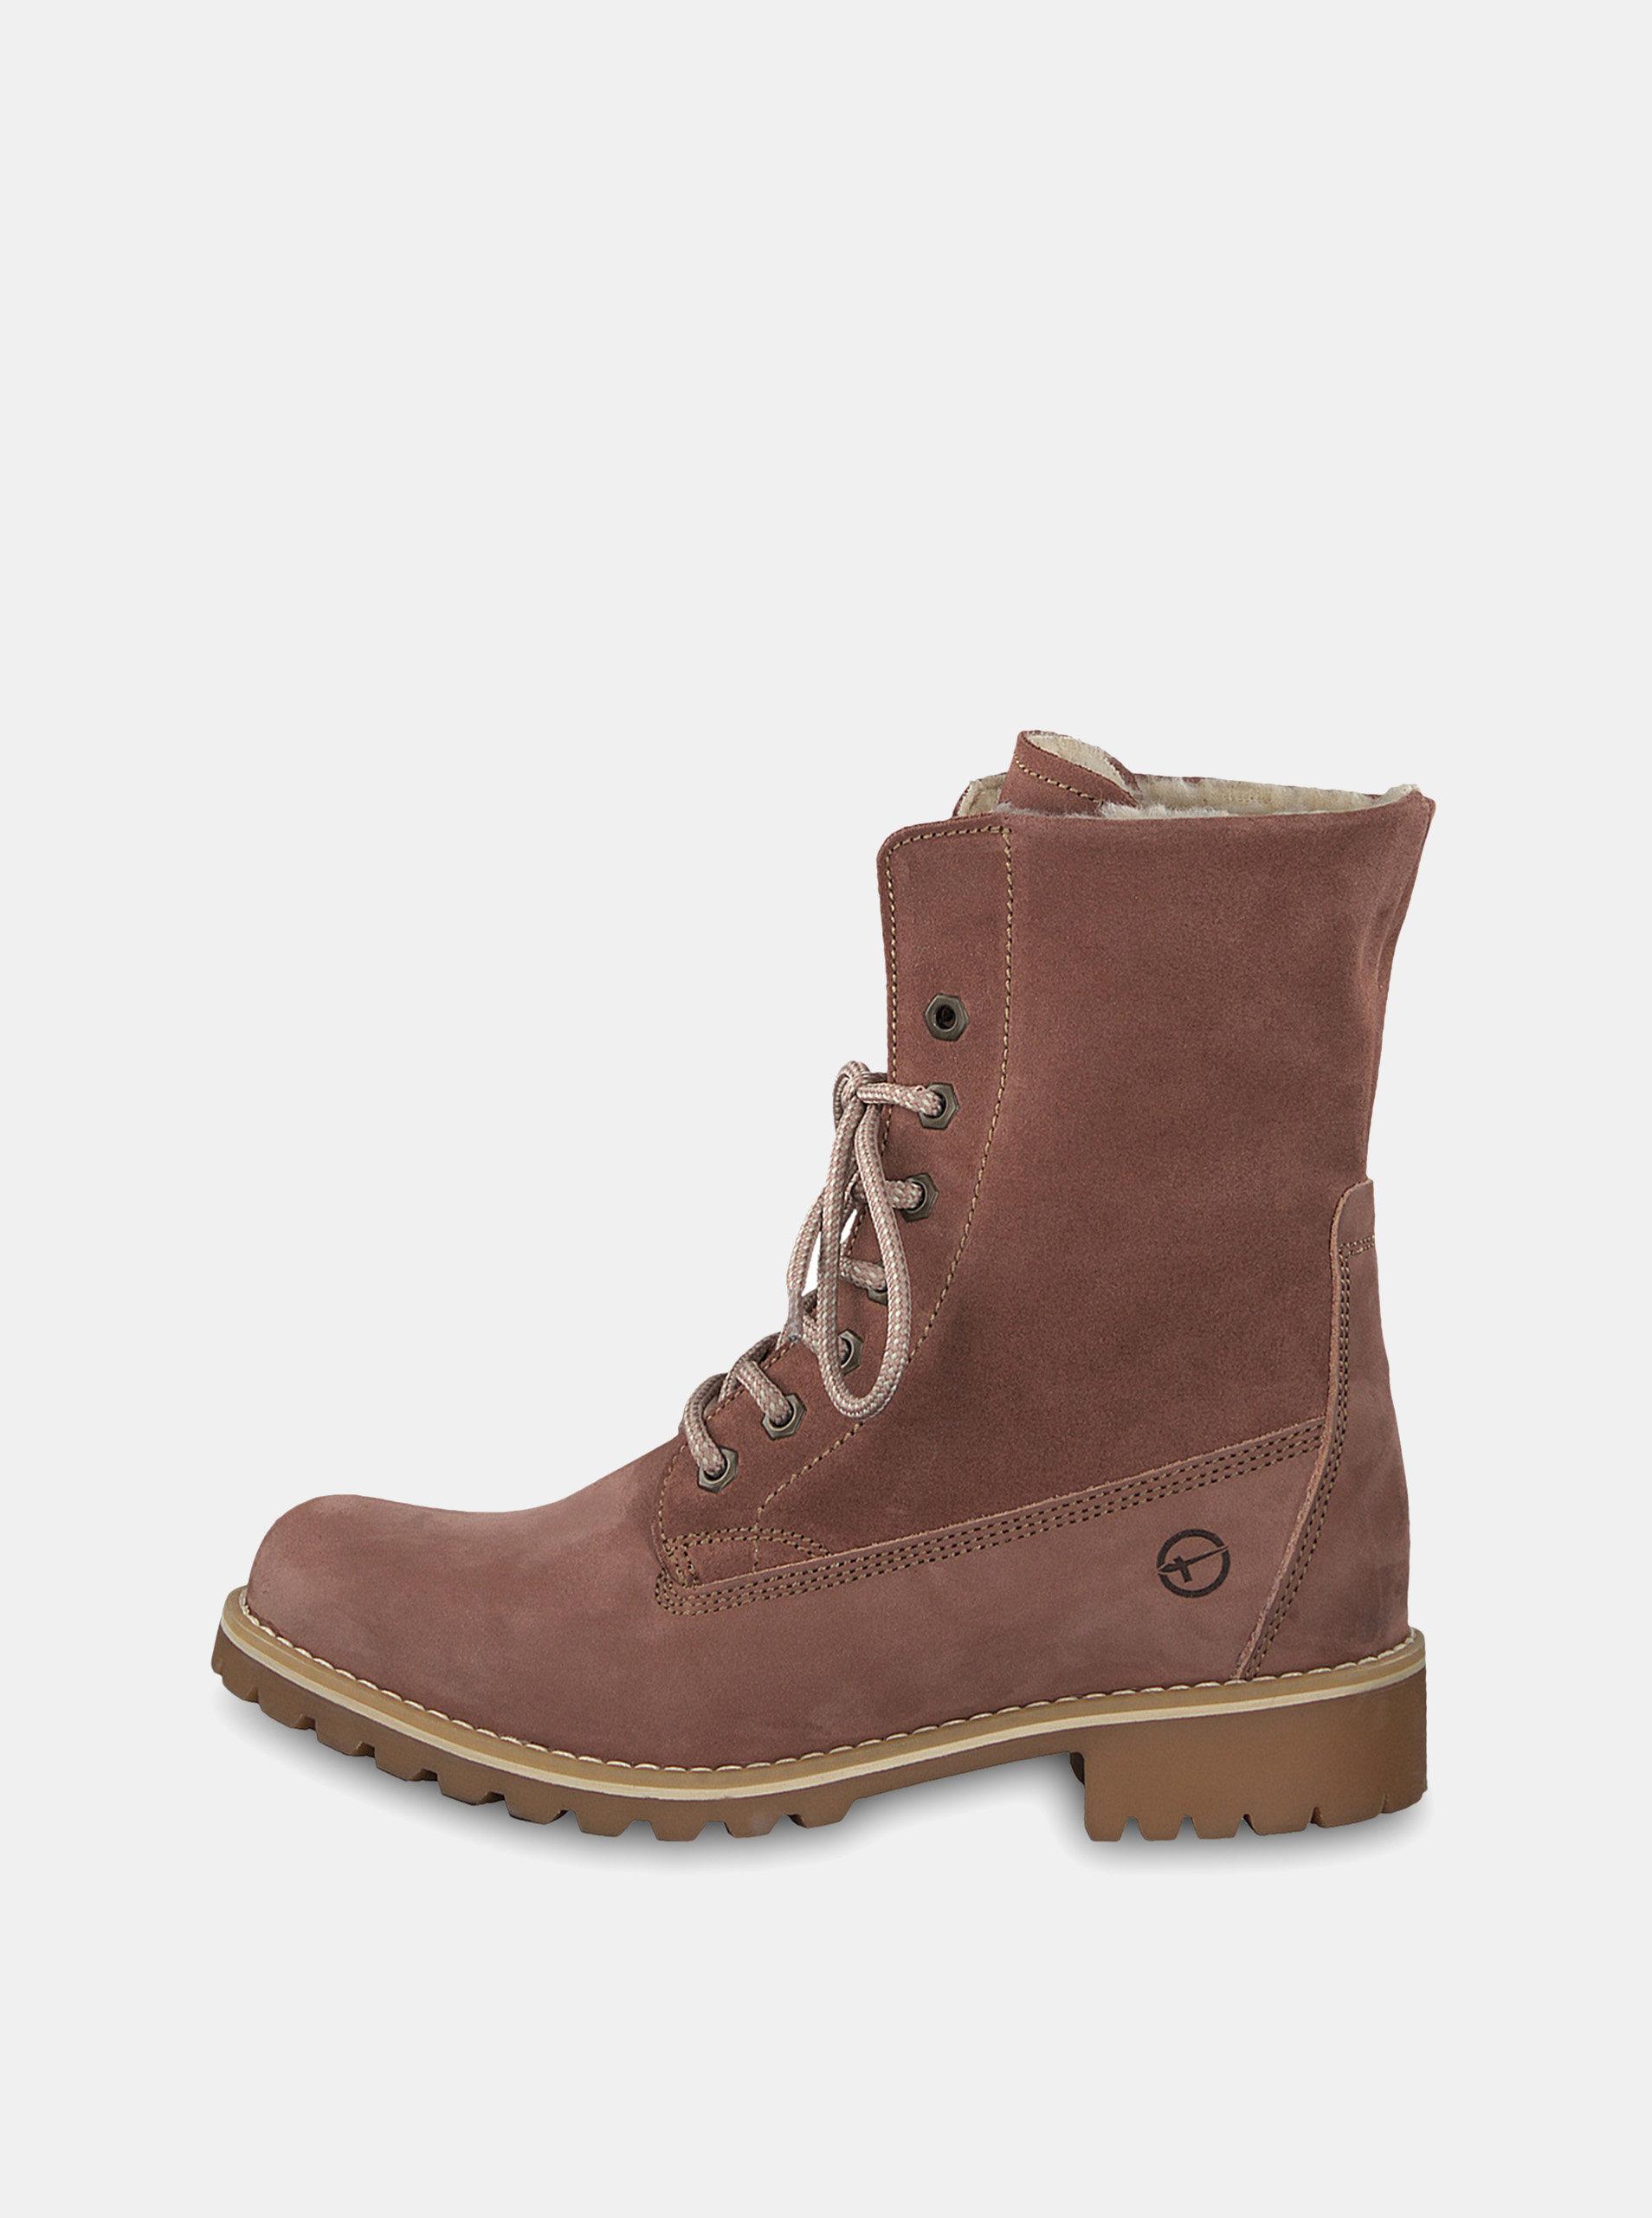 fd9d642c658d Staroružové semišové členkové nepremokavé zimné topánky Tamaris ...